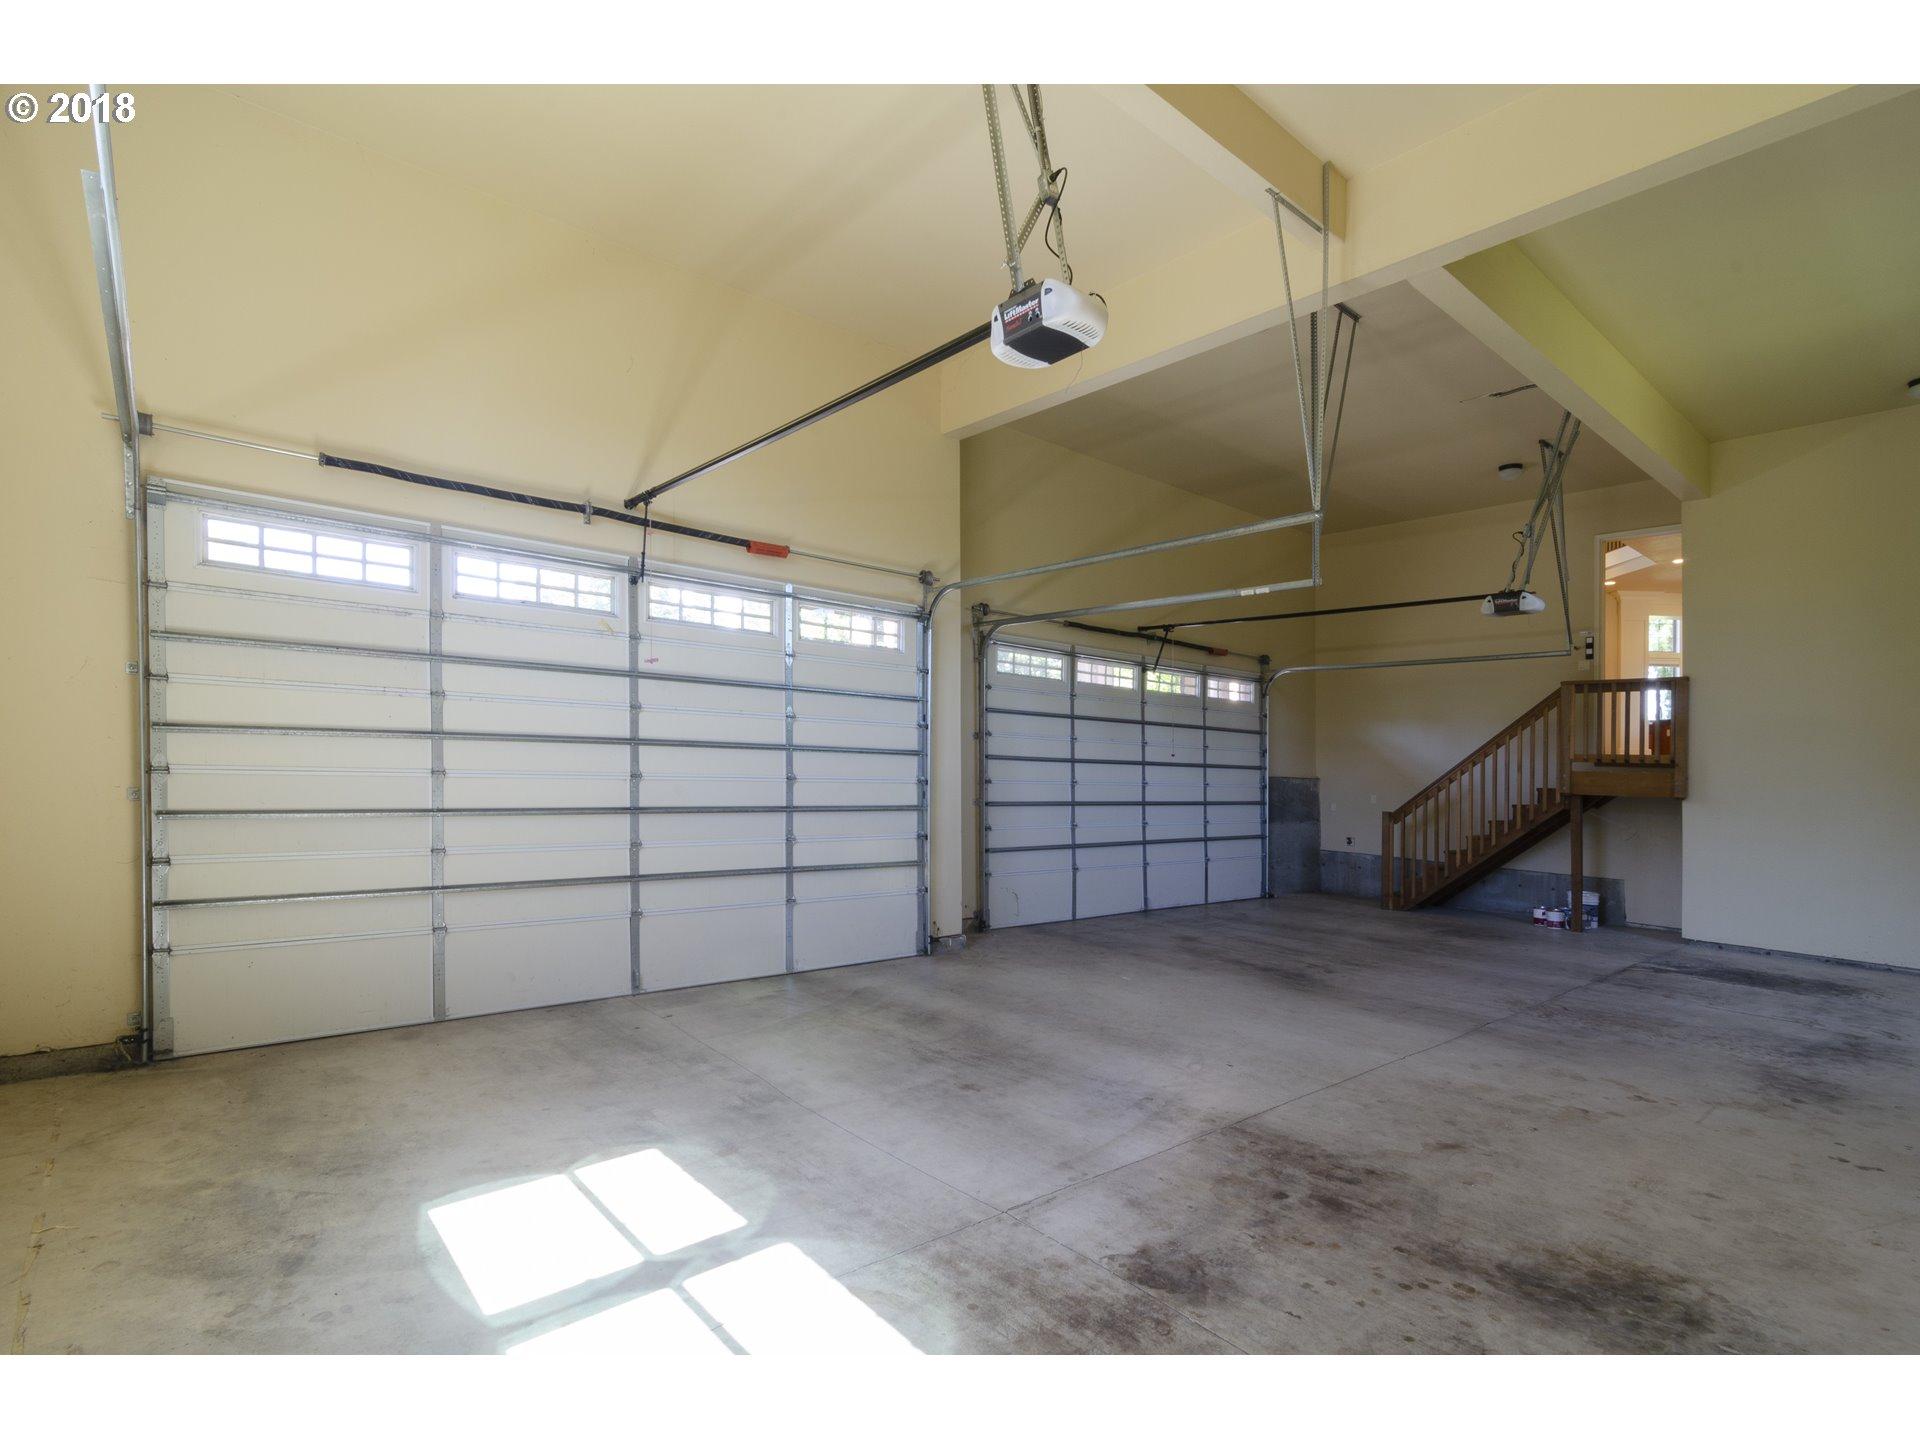 20886 S VISTA DEL LAGO CT Oregon City, OR 97045 - MLS #: 18609288